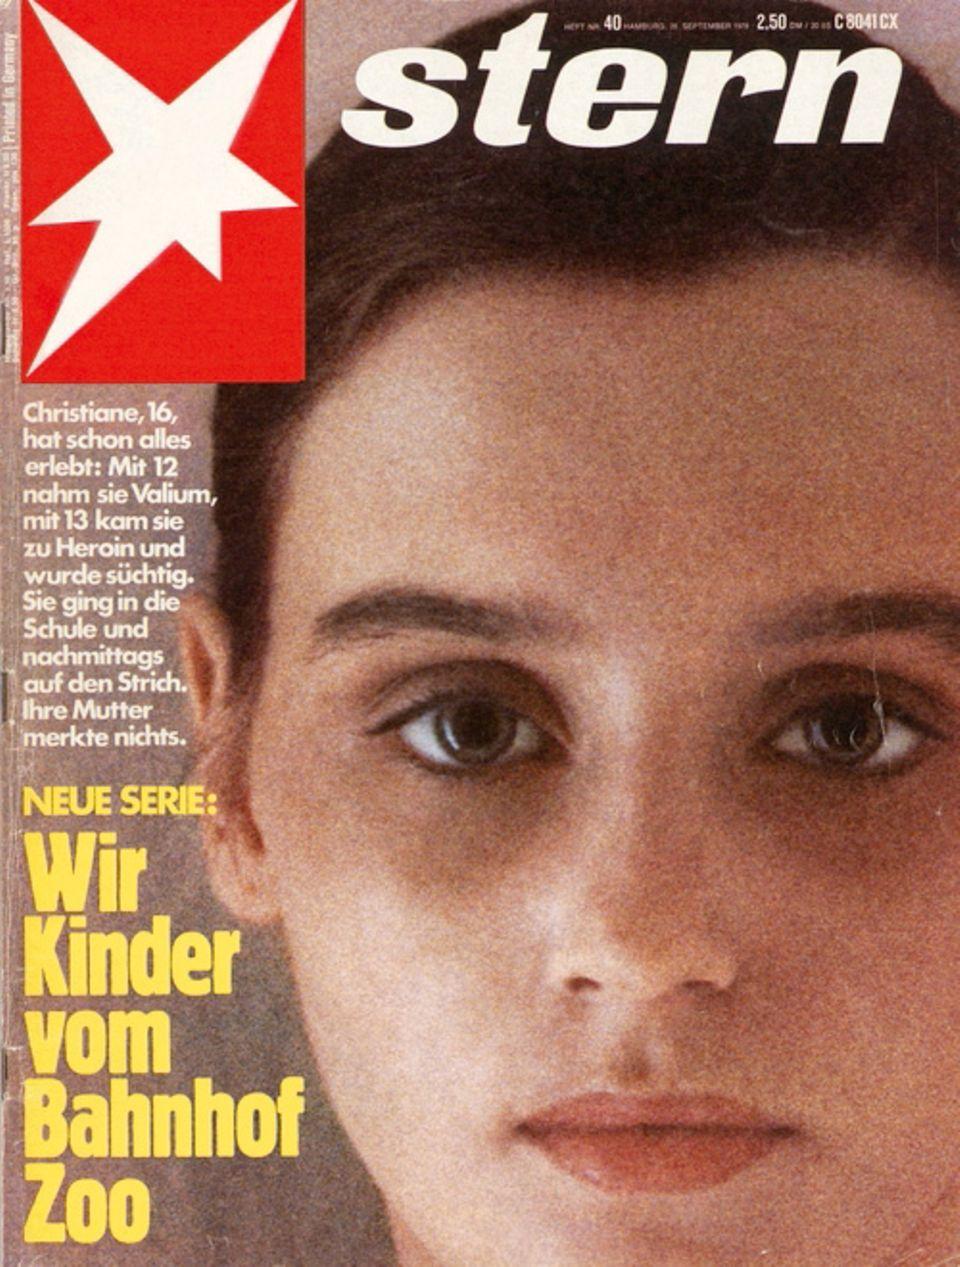 stern-Cover mit Christiane F. zum Start der Serie Wir Kinder vom Bahnhof Zoo